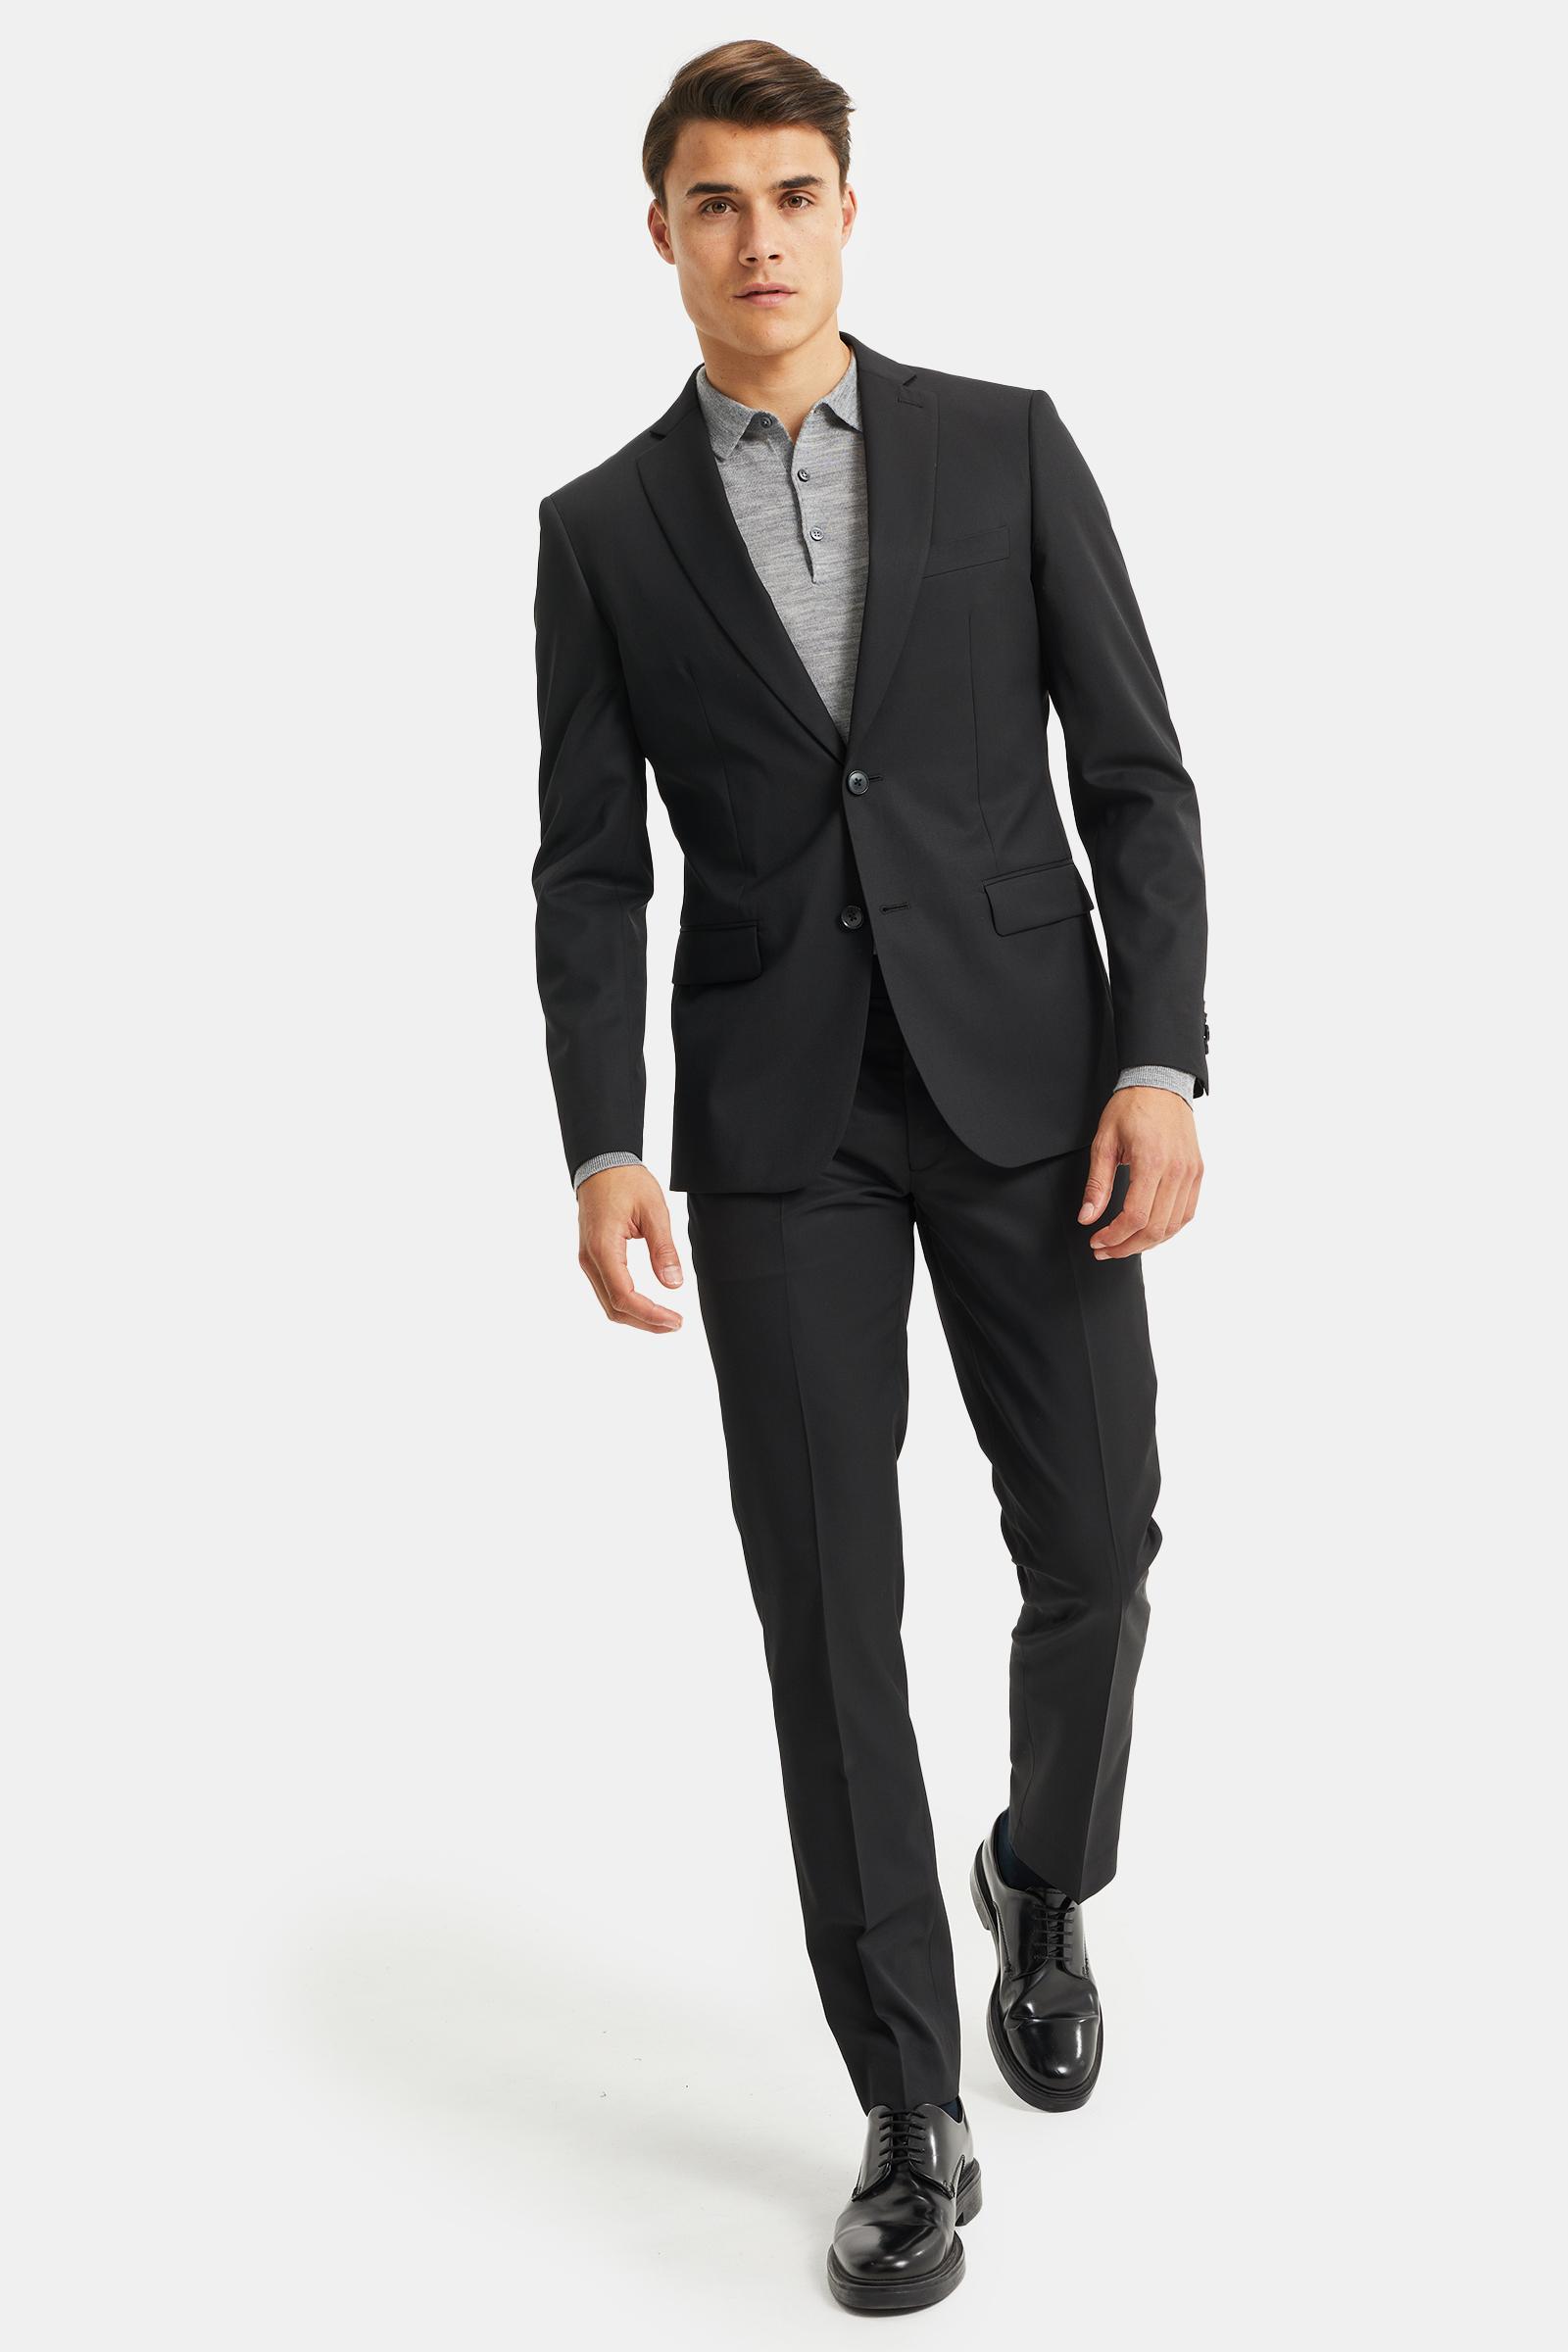 Bei P&C Super Slim Fit Anzüge kaufen Online & Filiale Große Auswahl an Top-Marken Skinny-Fit Anzug 0€ Versand Jetzt zu P&C.